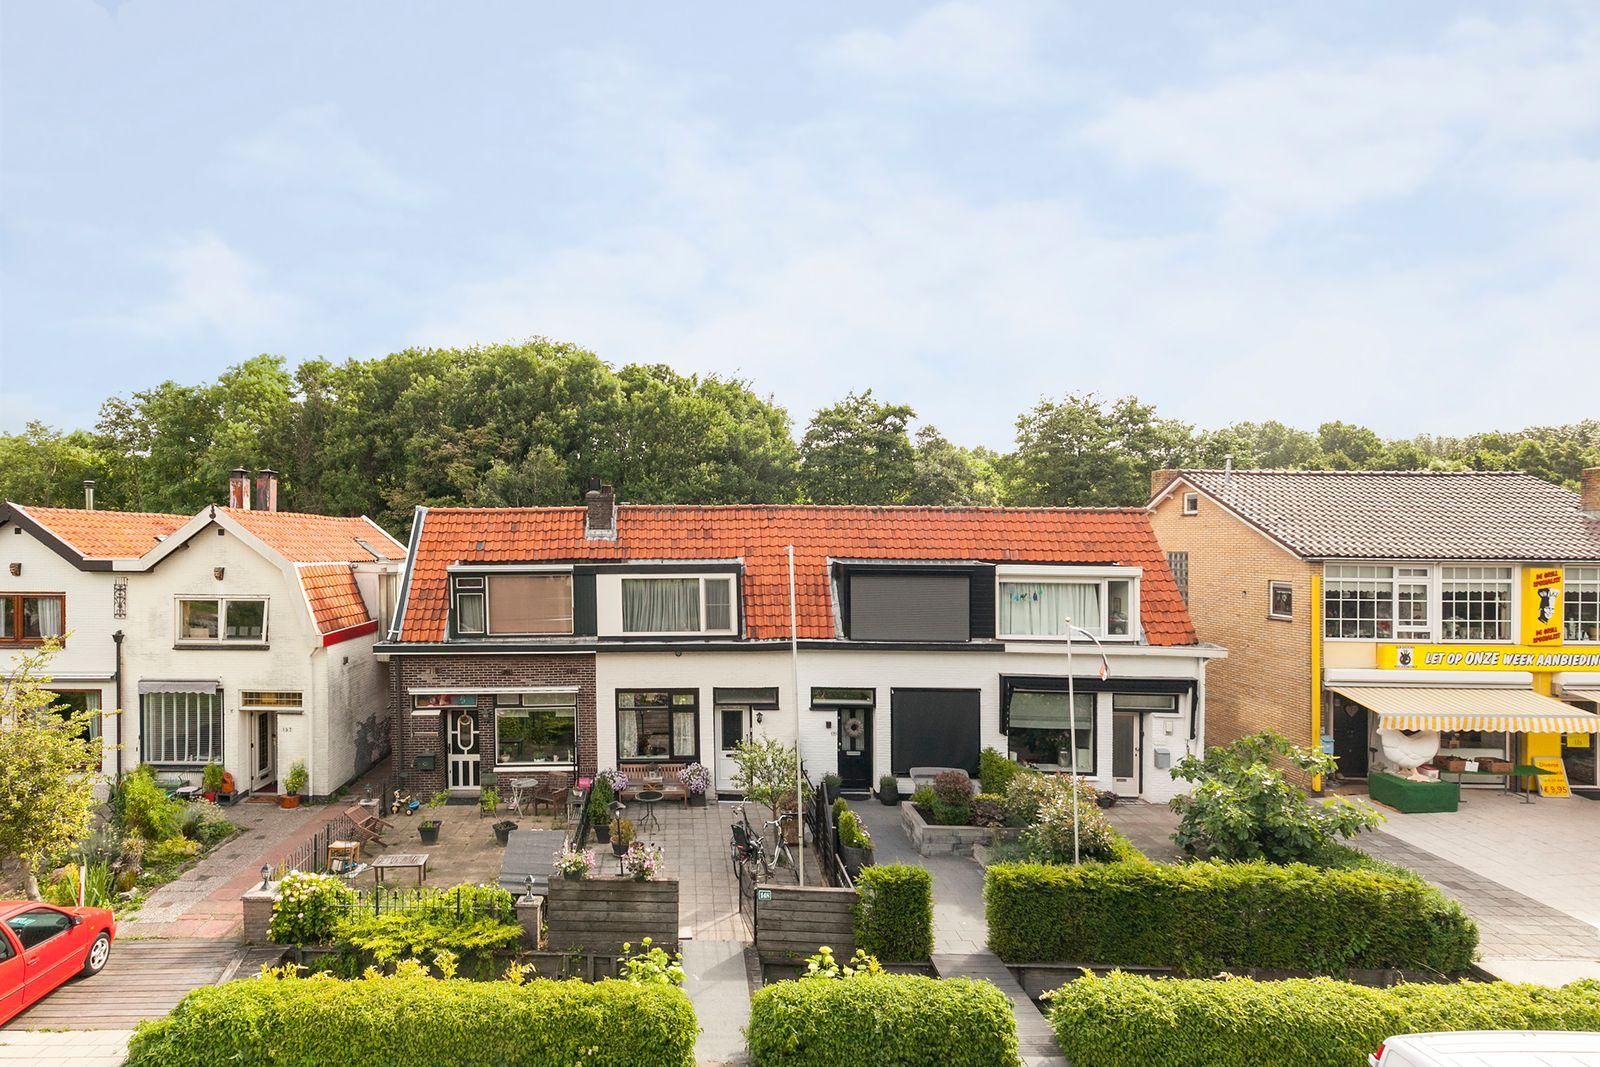 Capelseweg 148, Capelle aan den IJssel